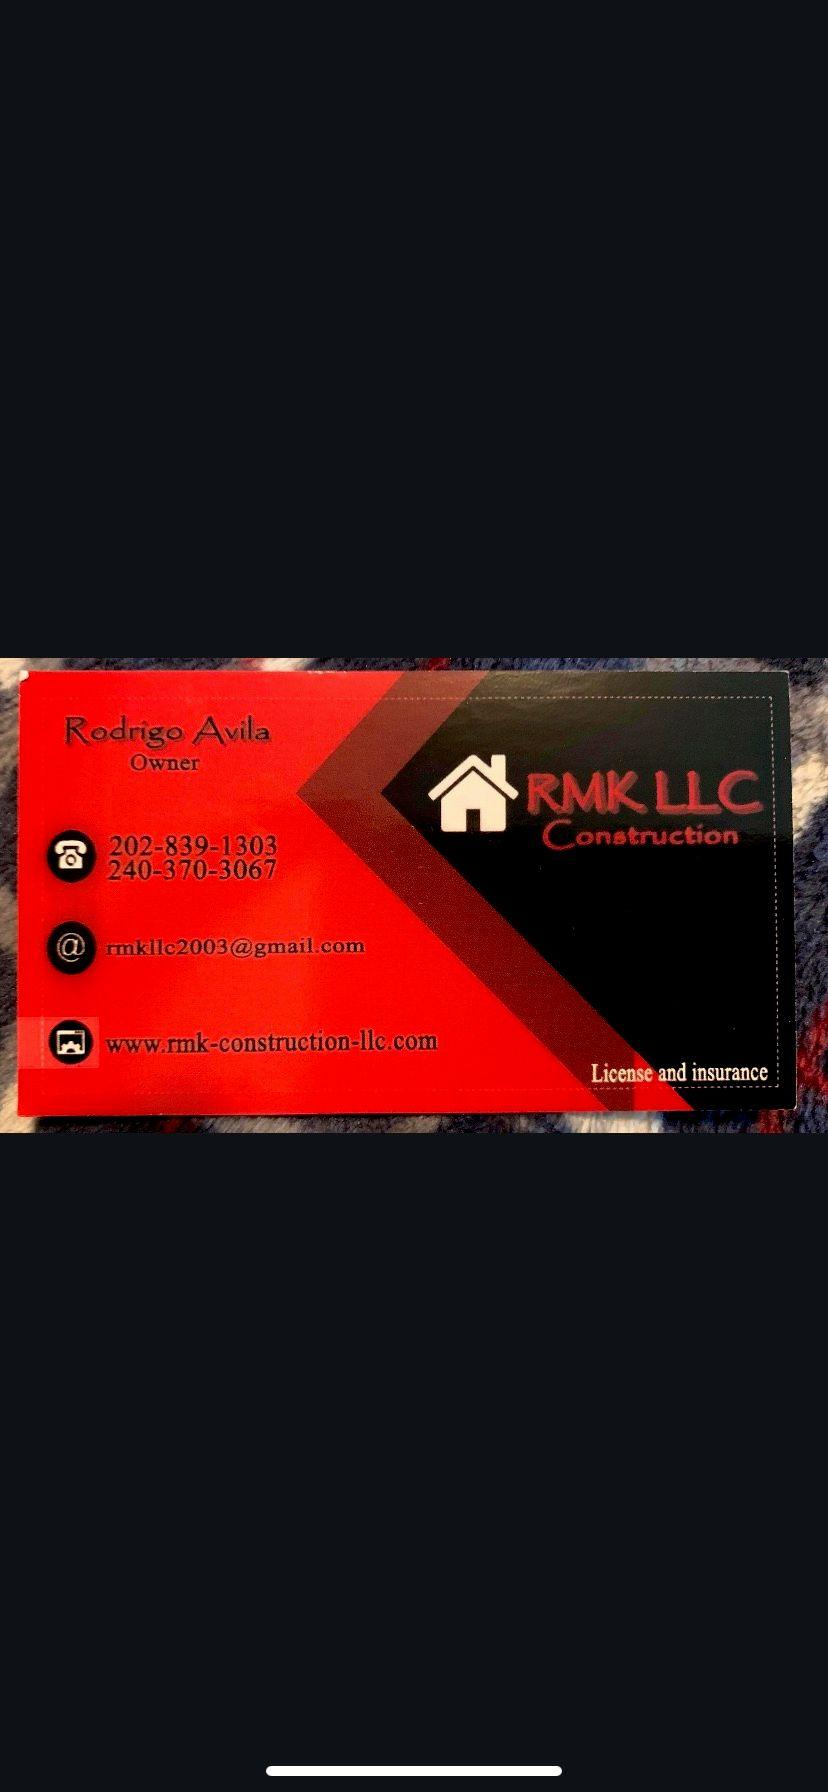 RMK LLC